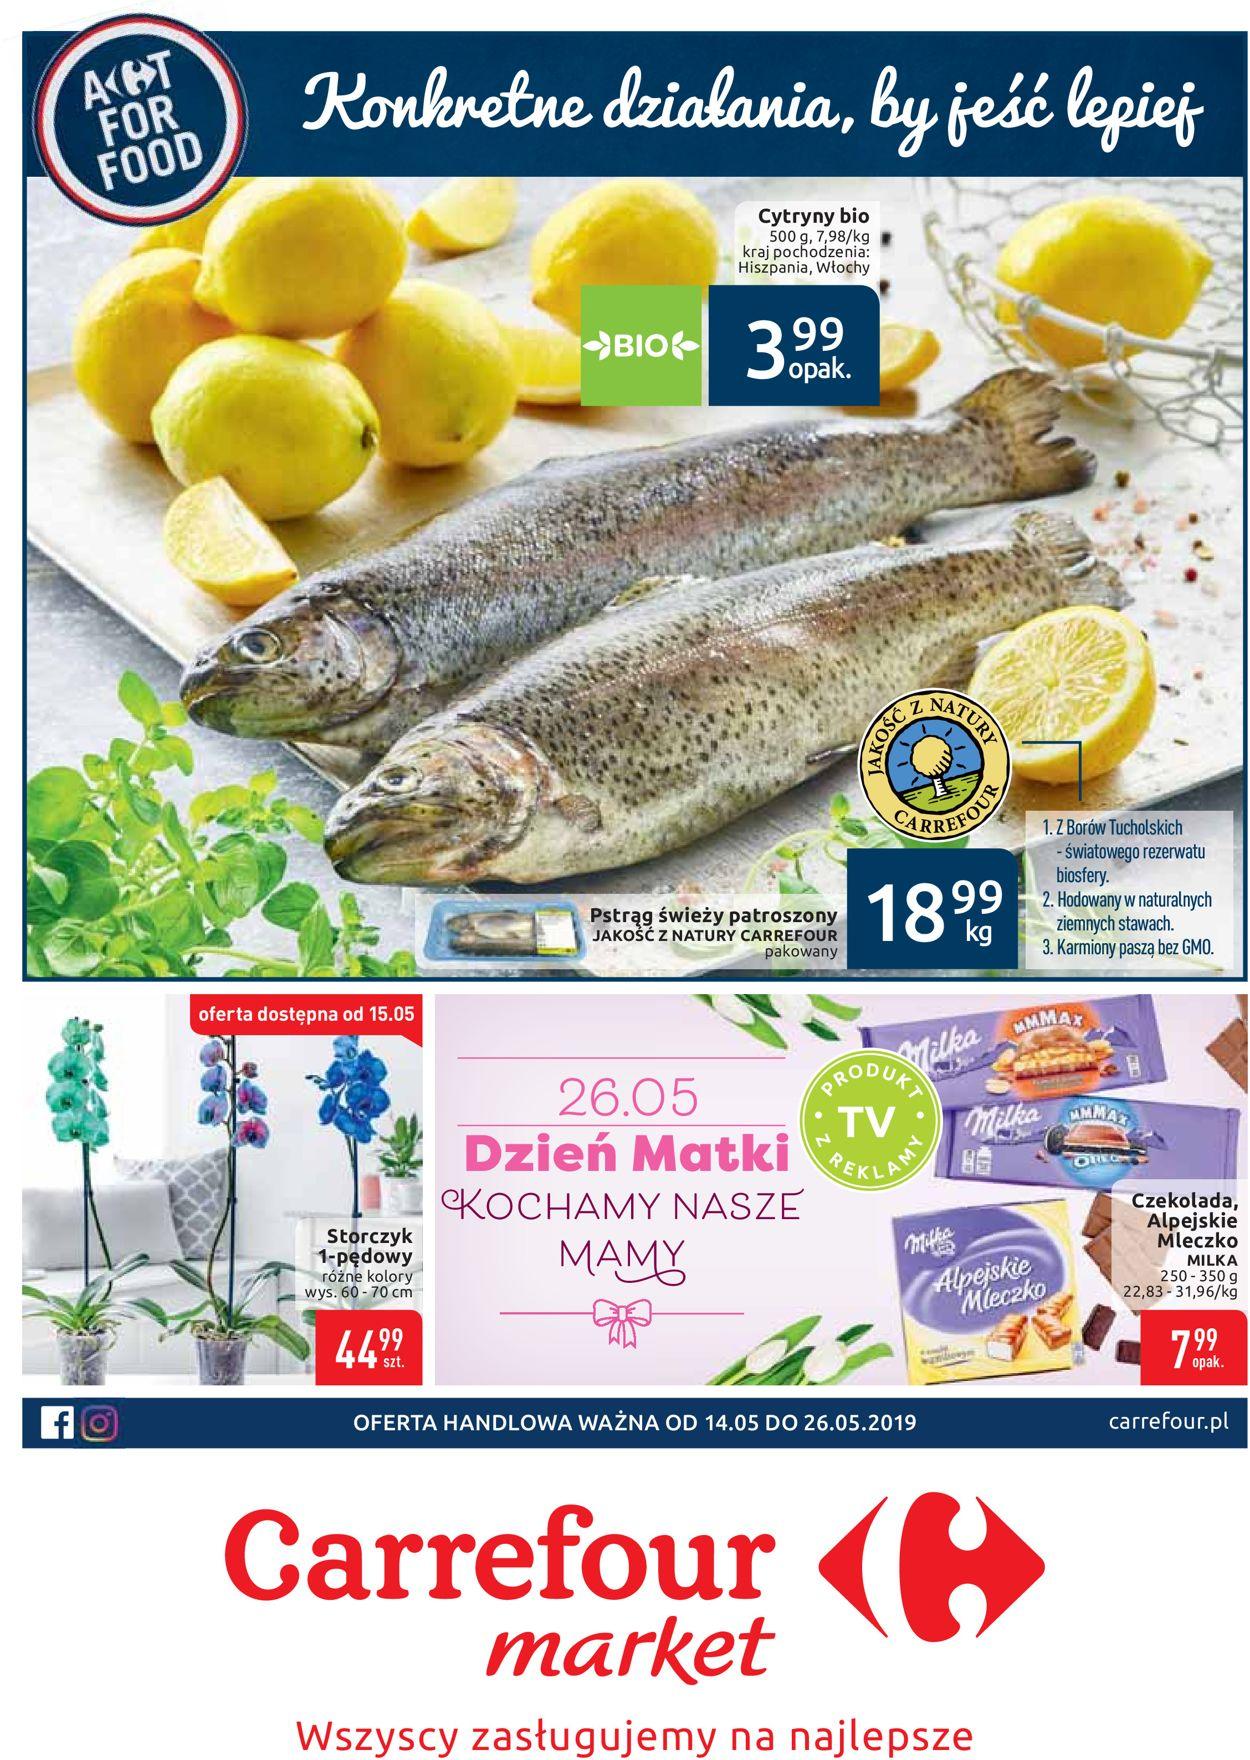 Gazetka promocyjna Carrefour - 14.05-26.05.2019